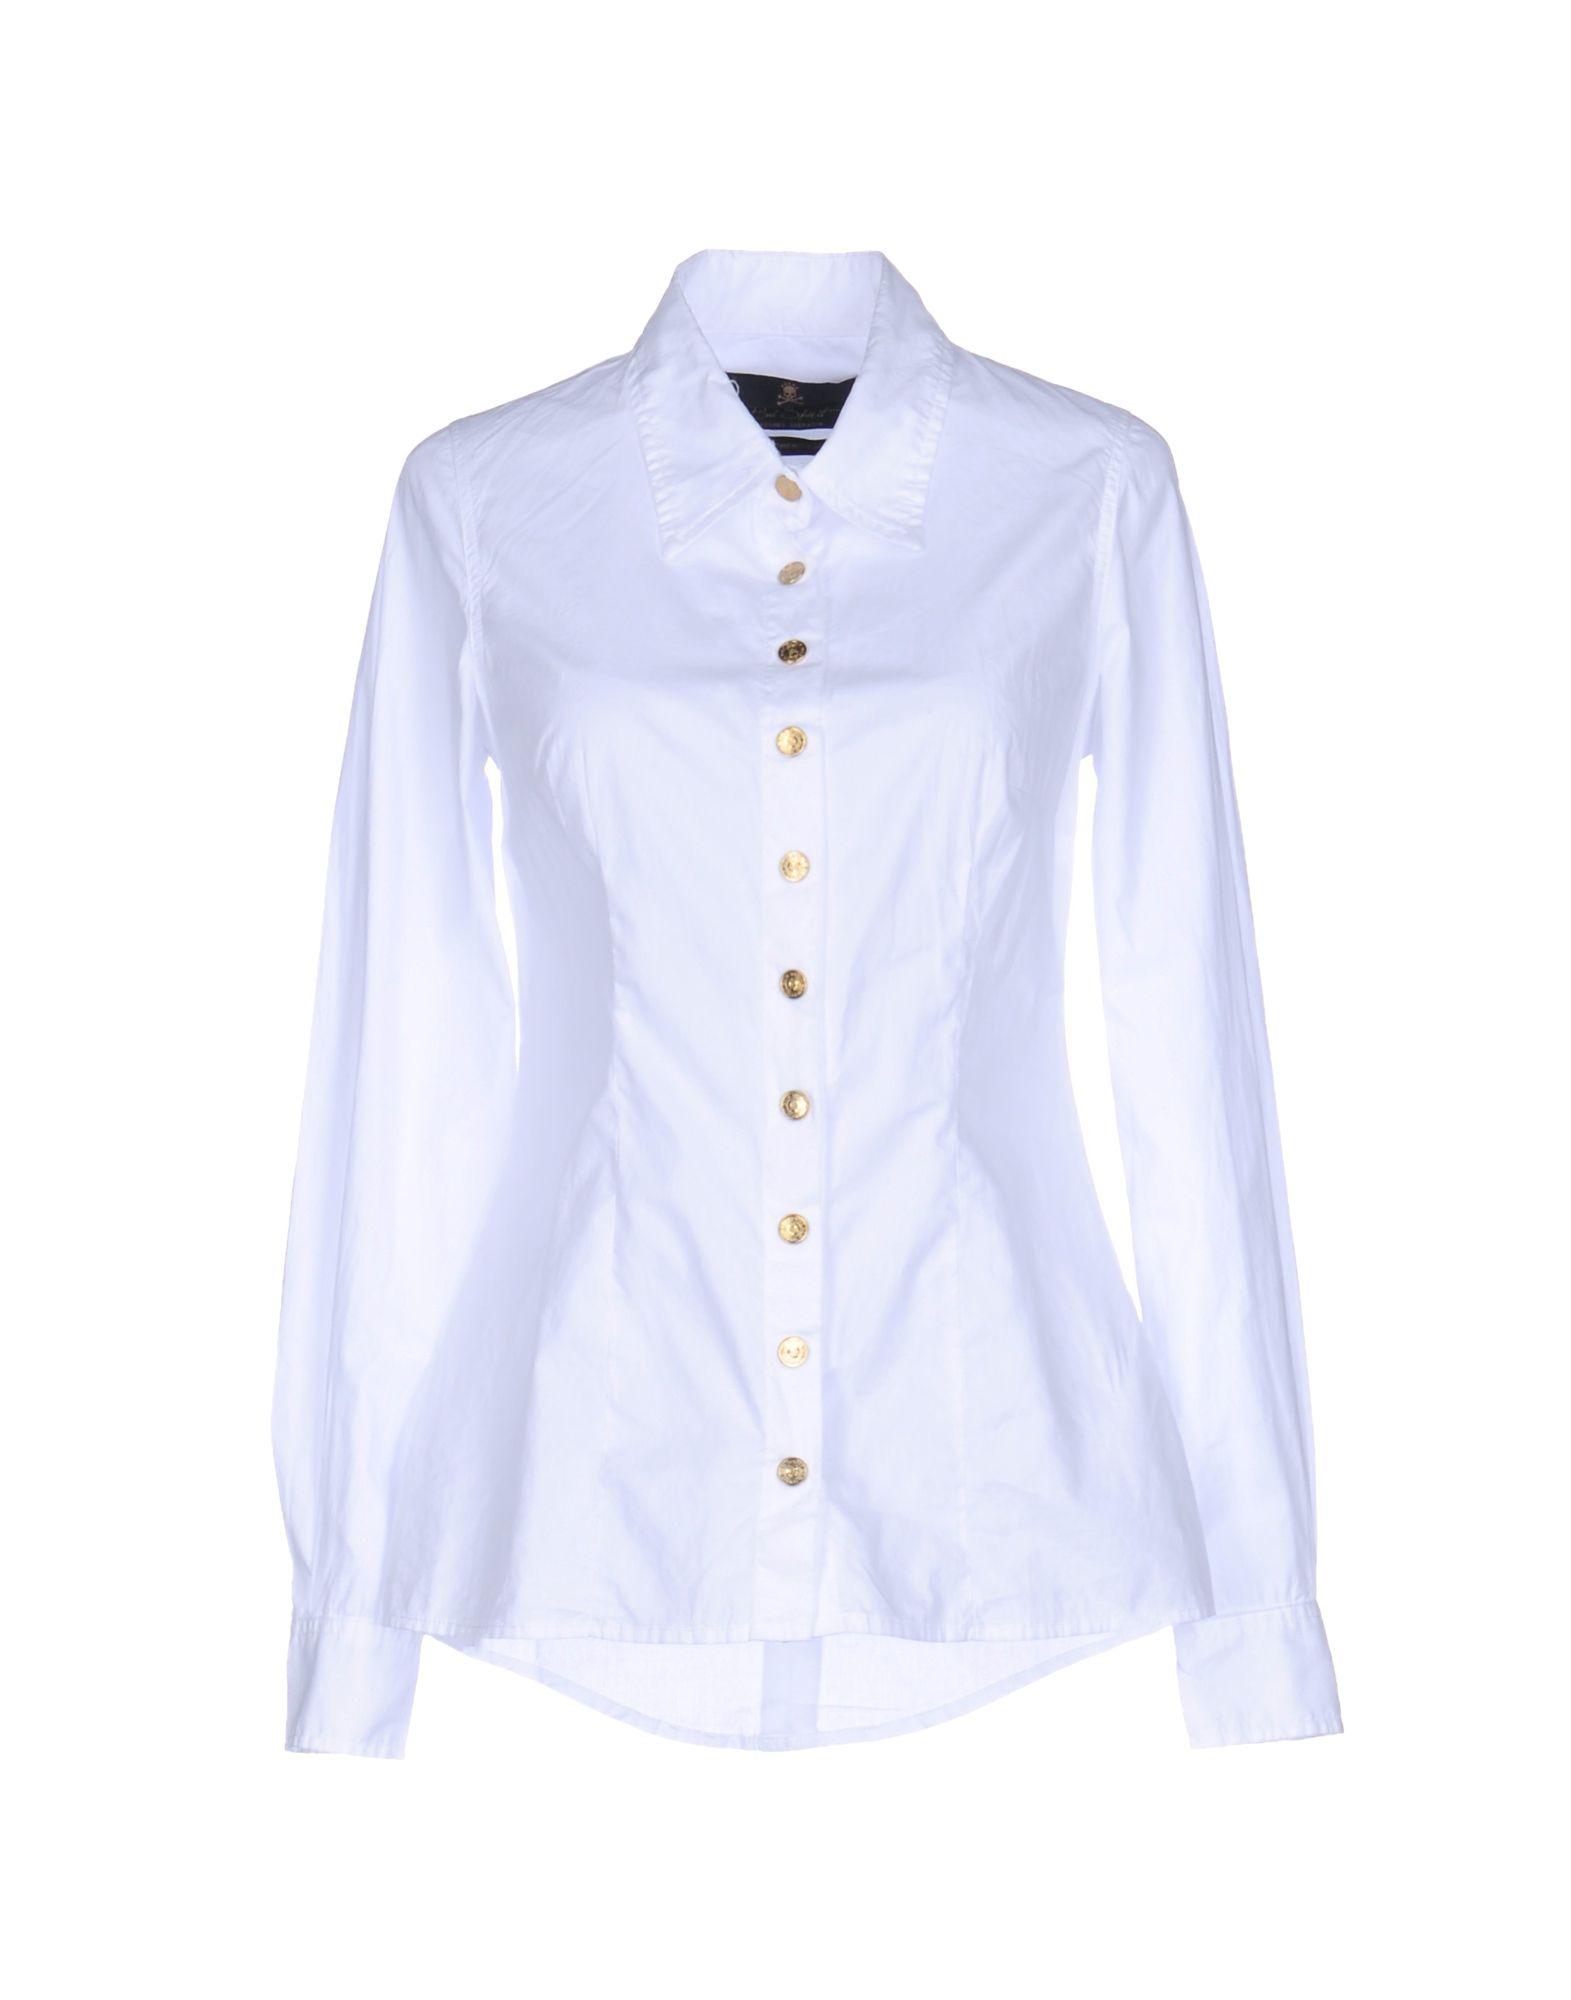 где купить BAD SPIRIT Pубашка по лучшей цене